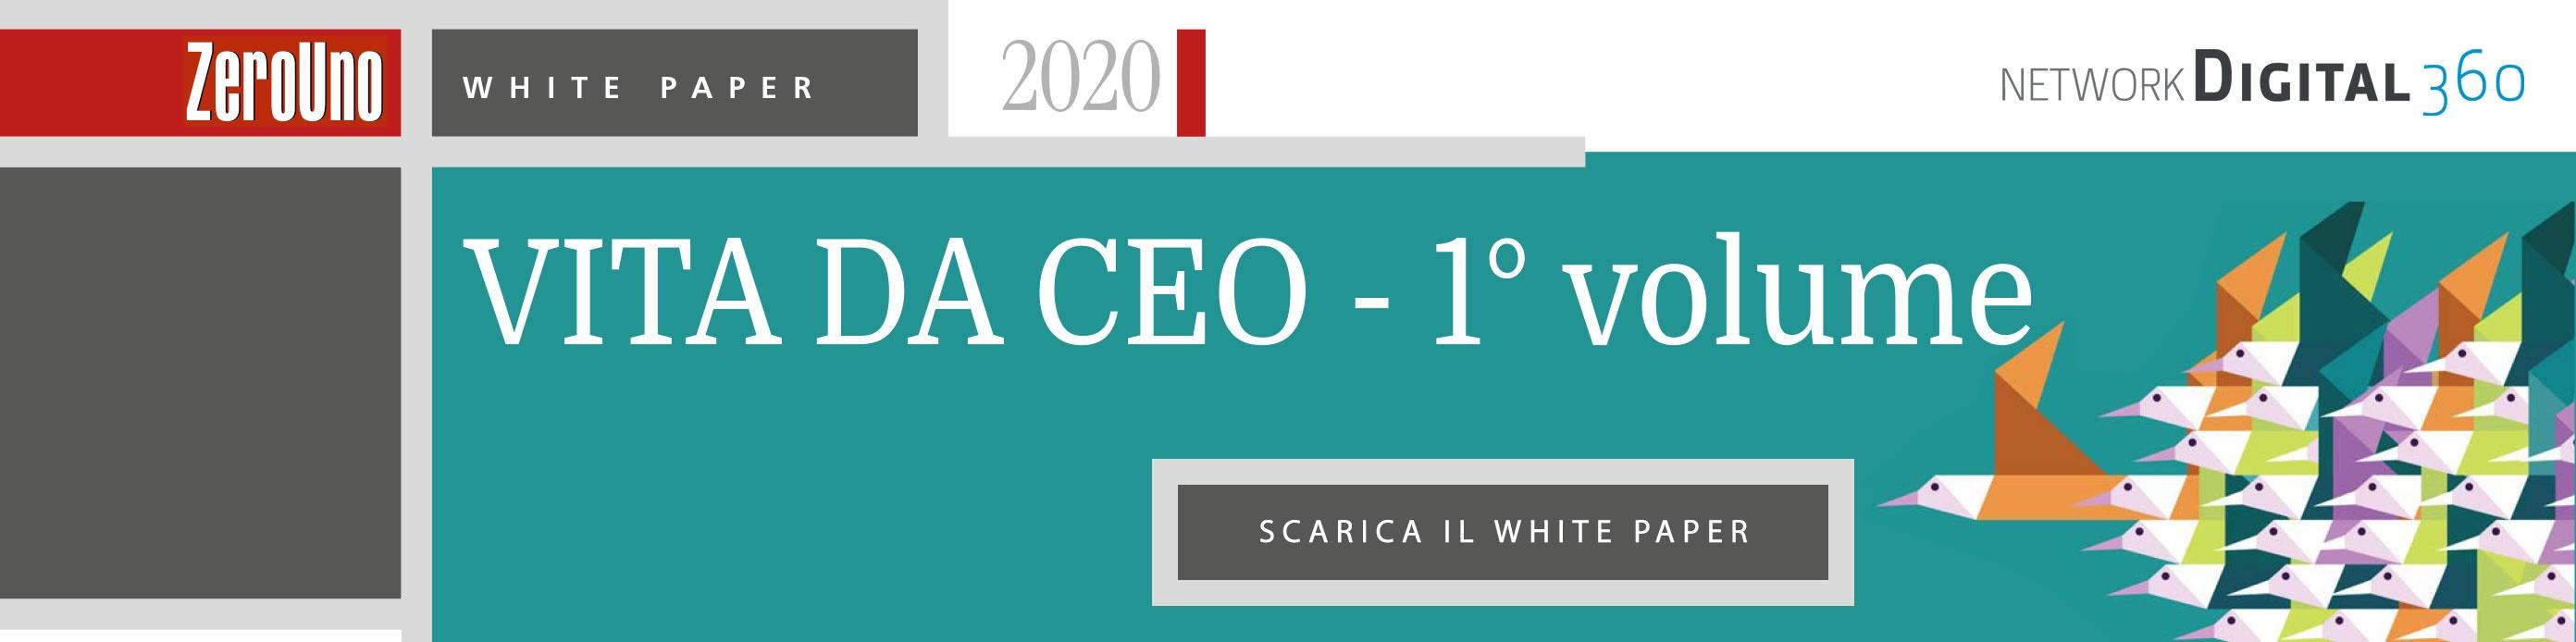 Vita Da CEO - Volume 1 - Scarica il whitepaper